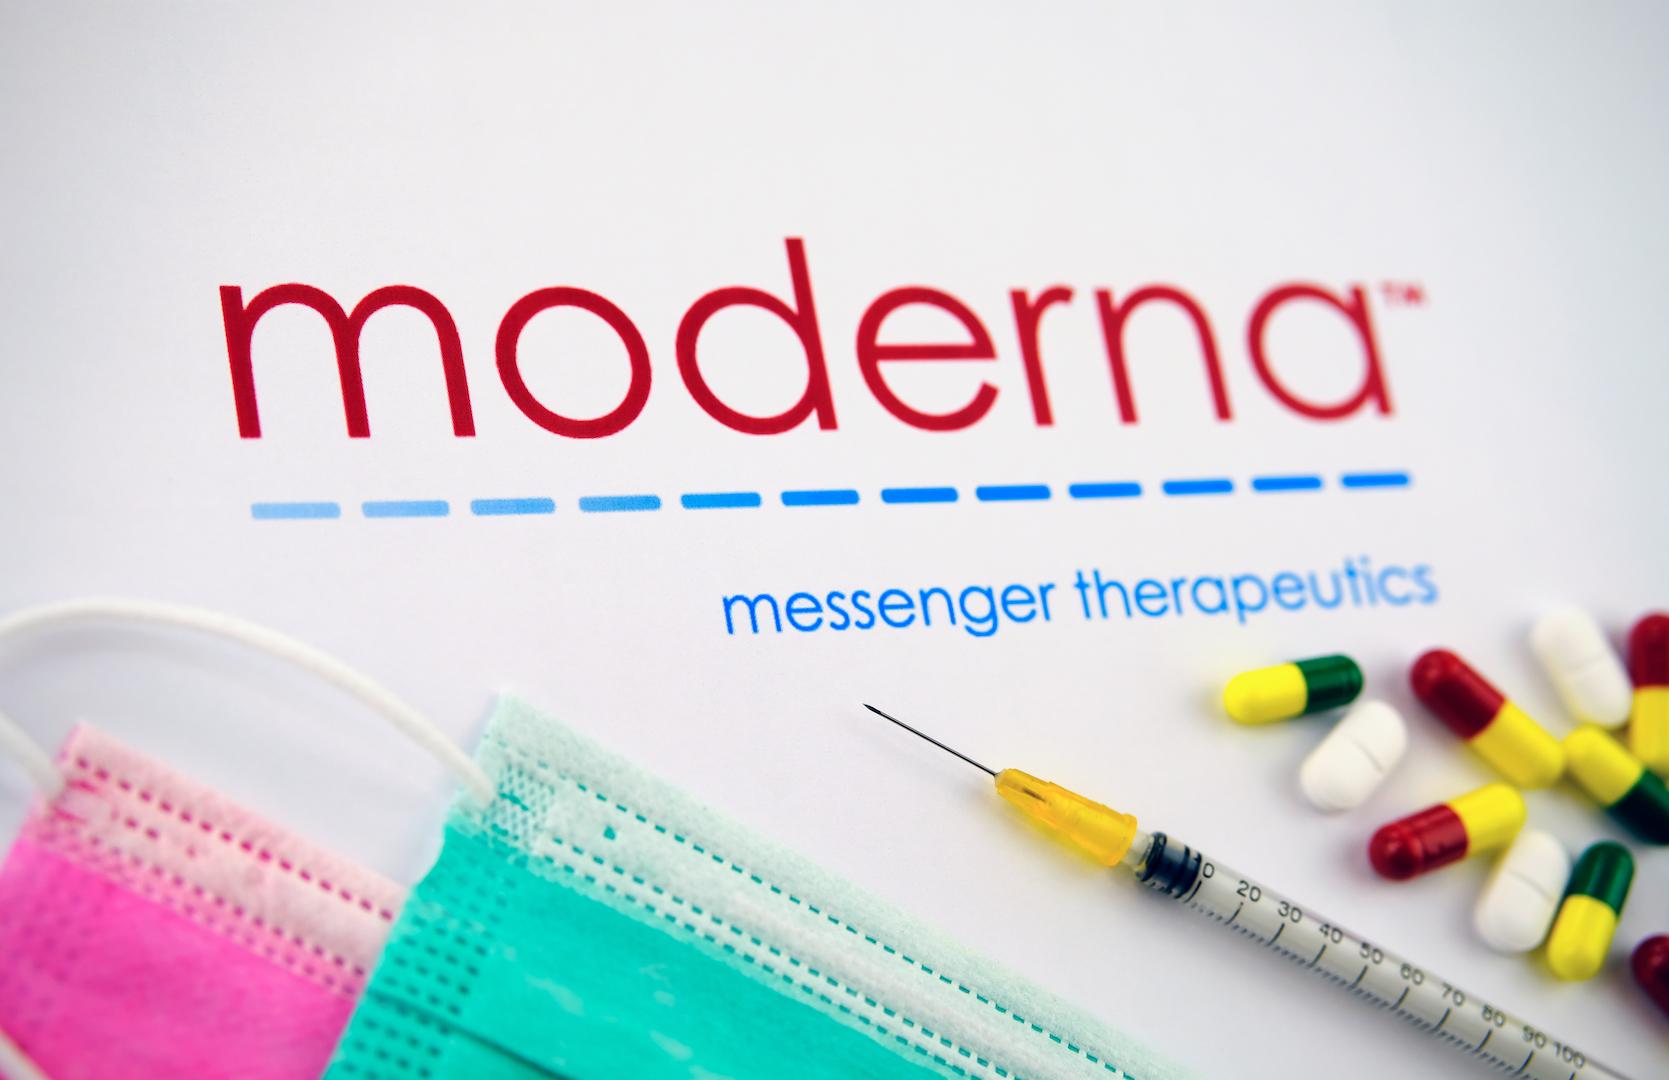 Κορωνοϊός εμβόλιο Moderna: Στο 95% η αποτελεσματικότητα του σύμφωνα με τις δοκιμές